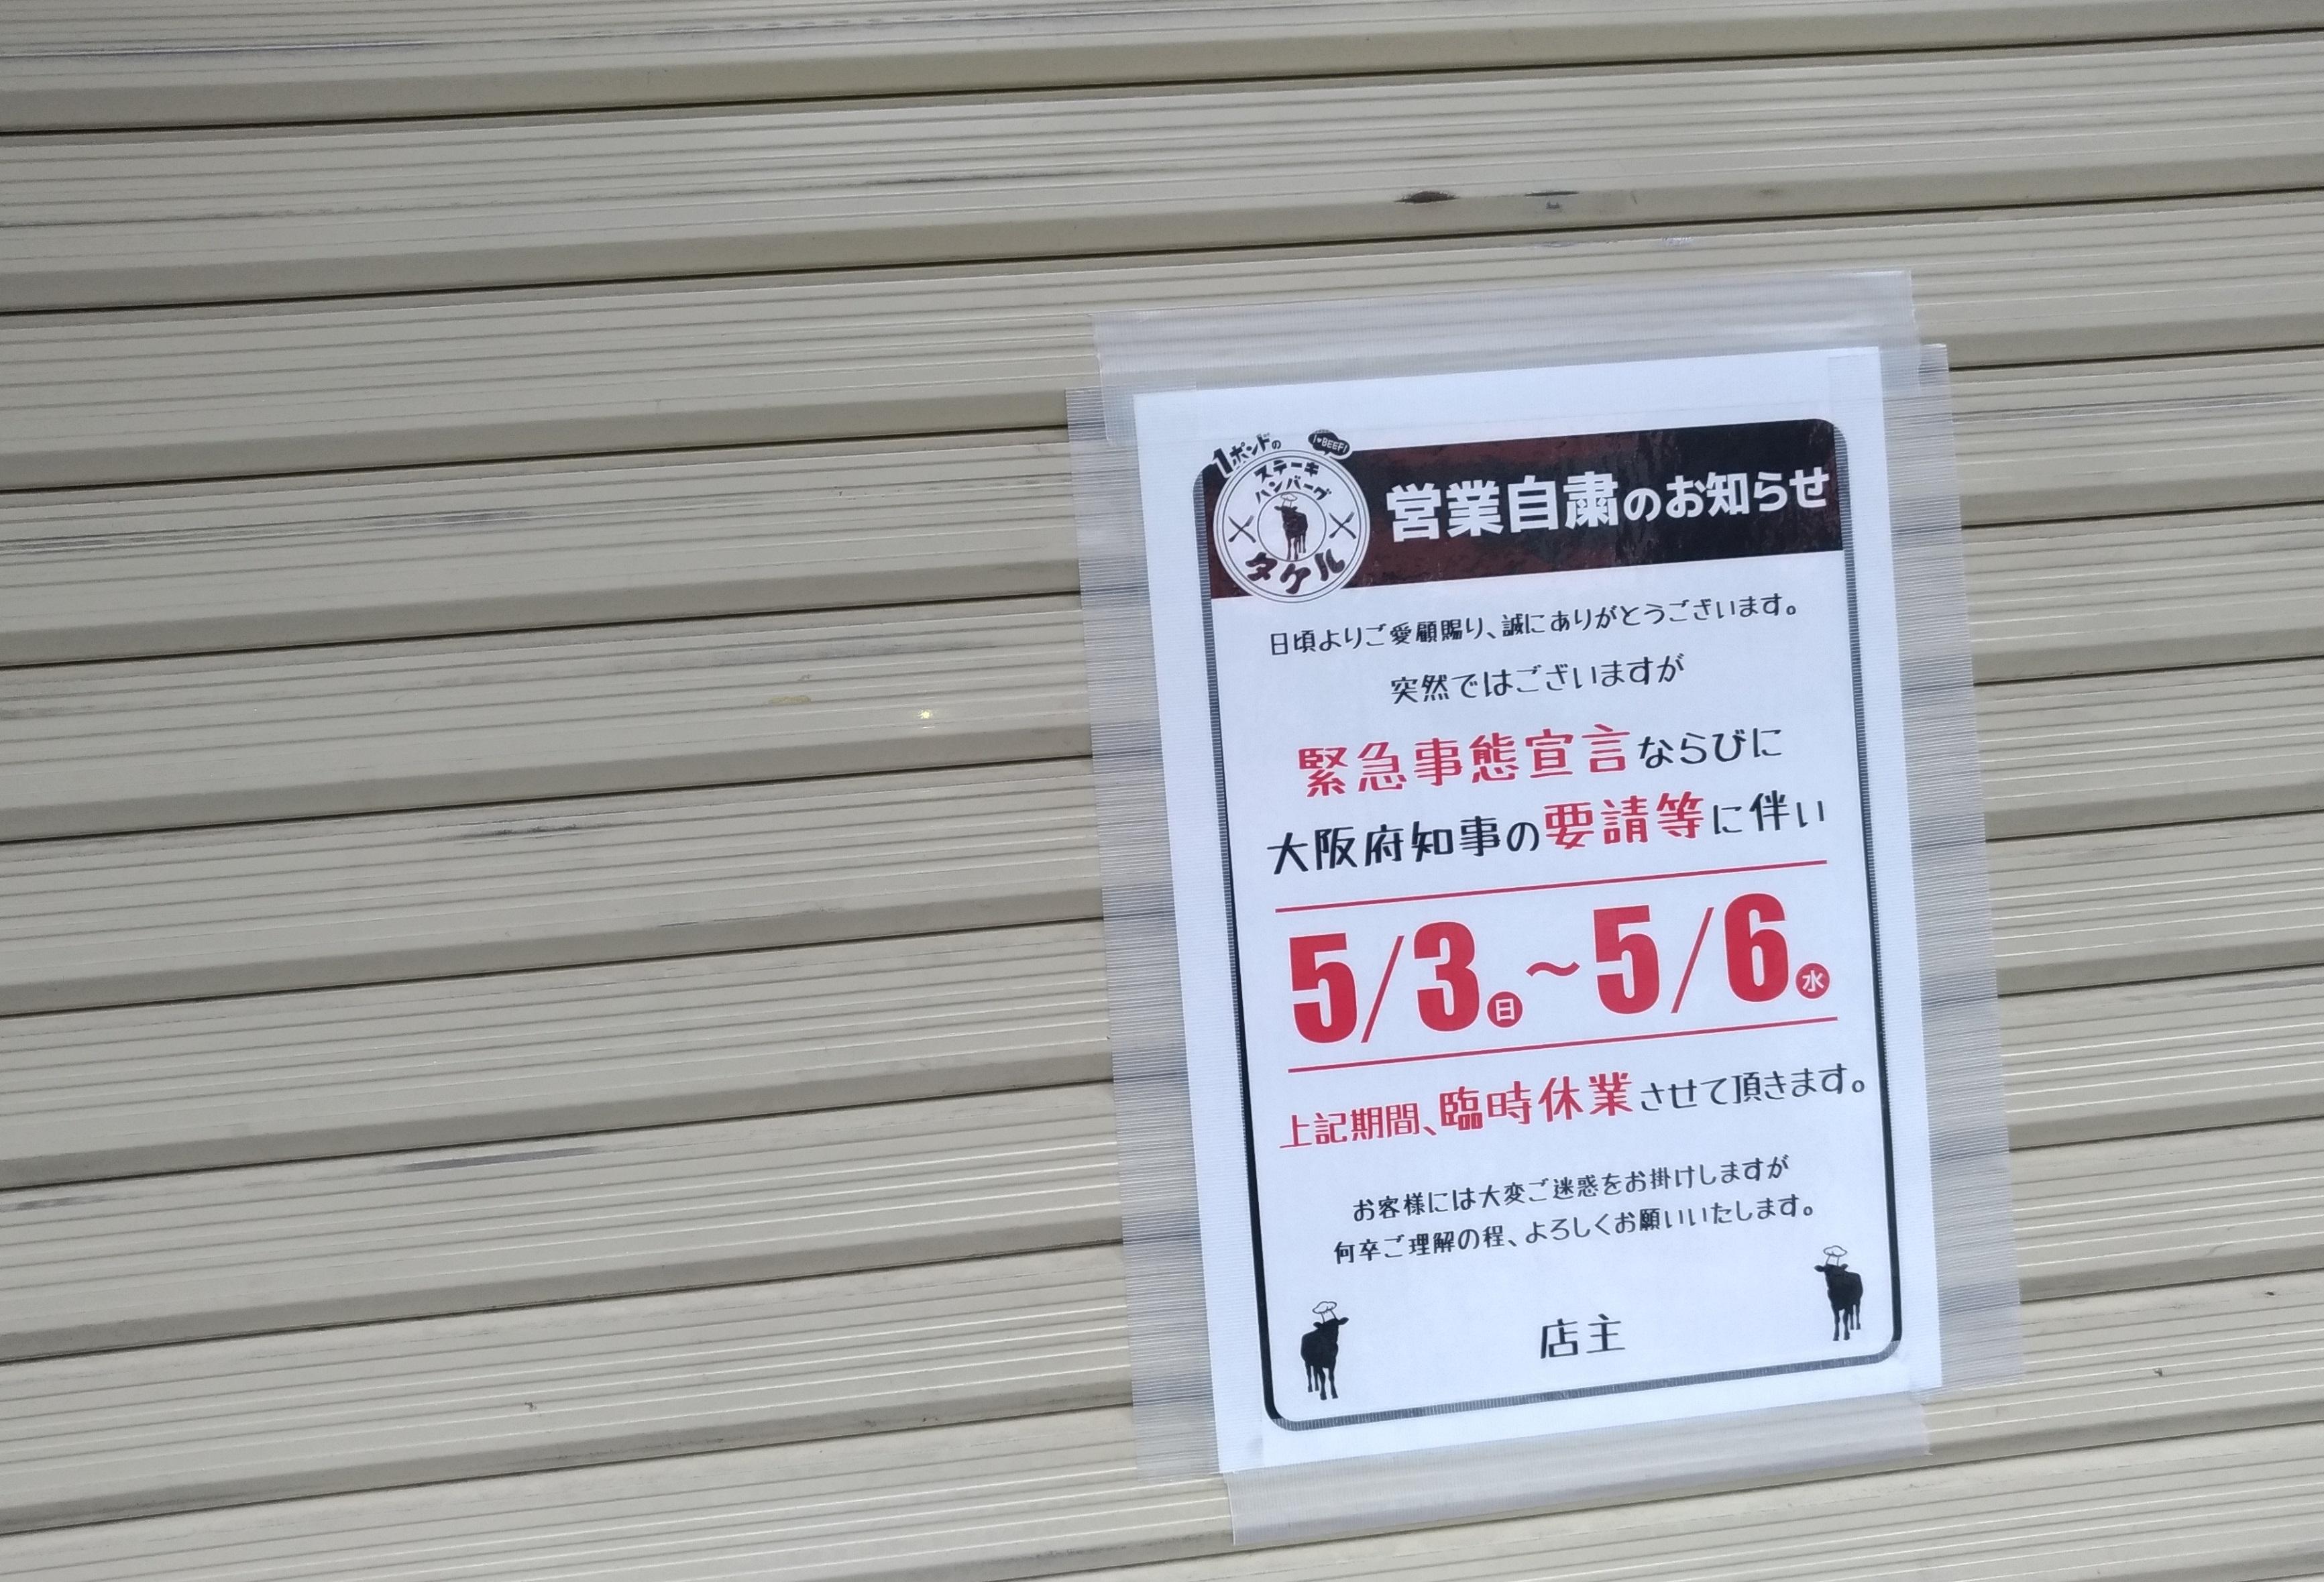 takeru_sutaki_osaka_fukushima_0503_.jpg